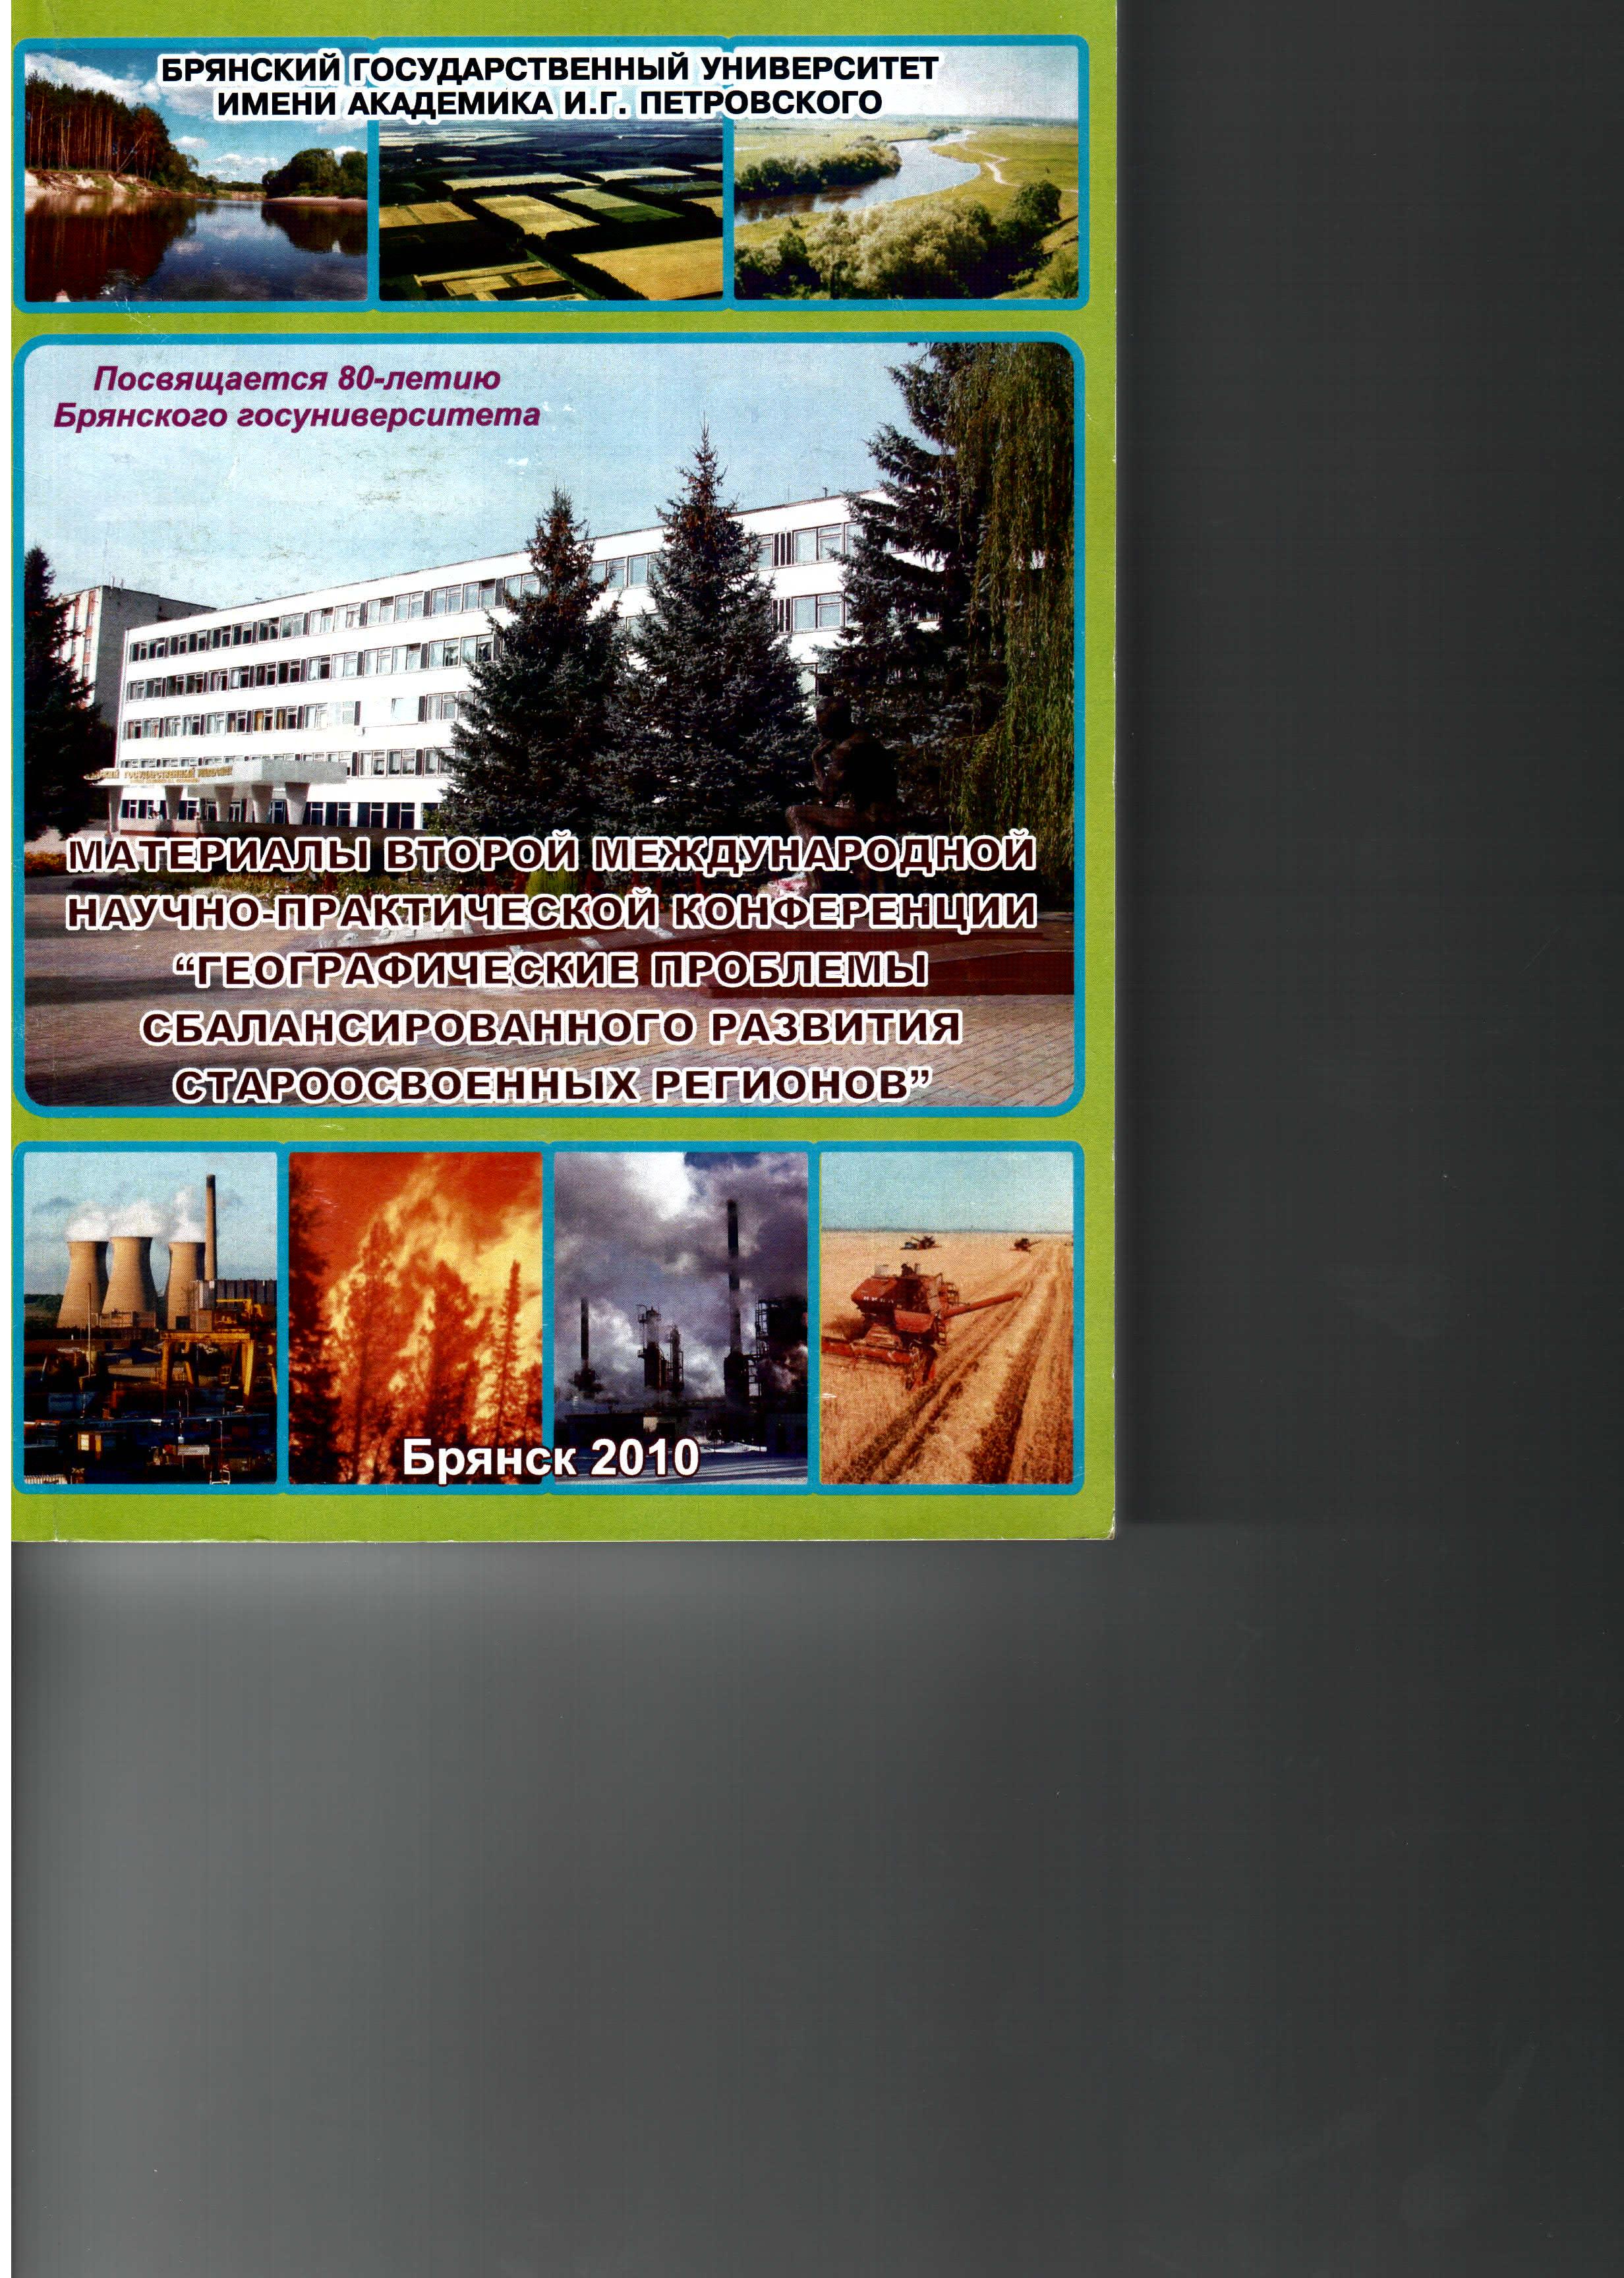 Приграничье как фактор социокультурного развития староосвоенного региона (на примере Брянской области)